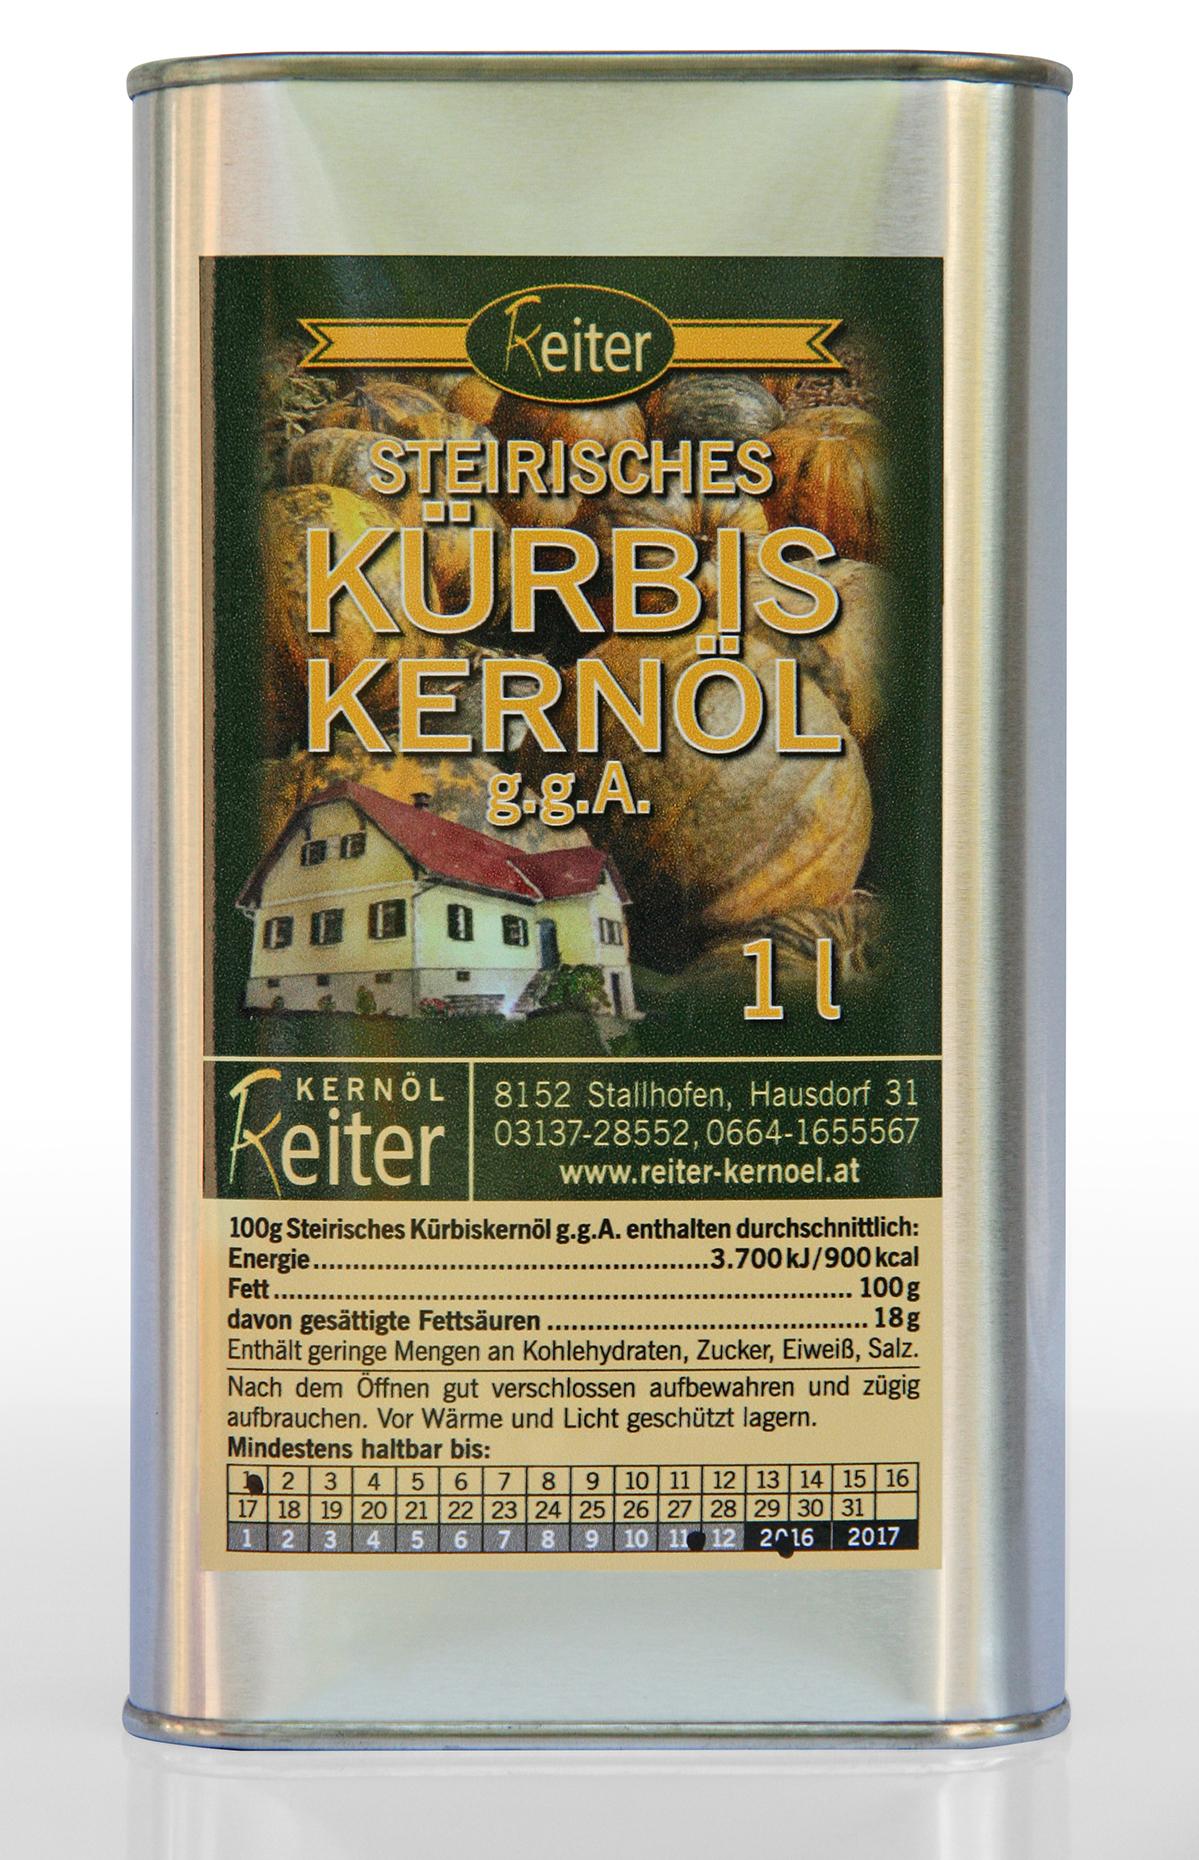 Steirisches Kürbiskernöl g.g.A. 1 l Dose